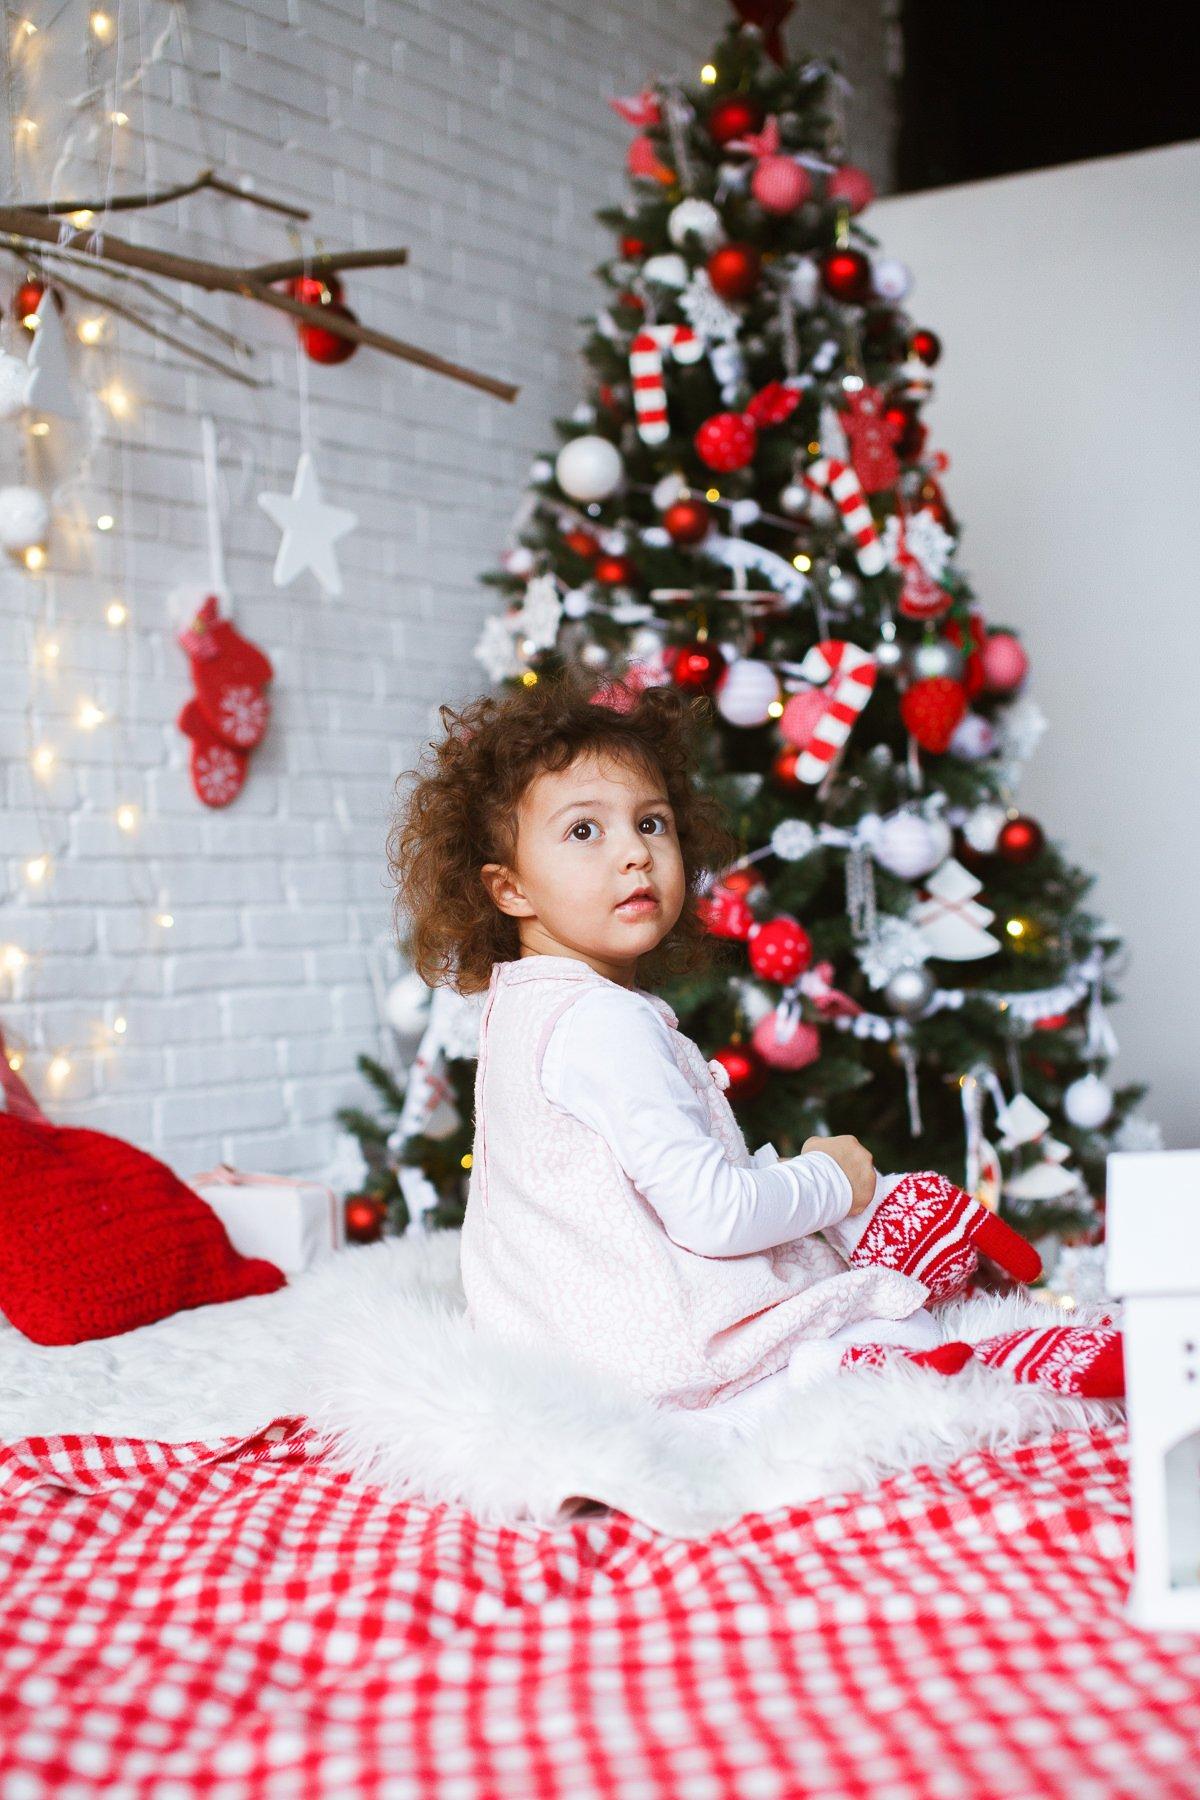 Новогодняя фотосессия - фото девочки на фоне красиво украшенной ёлки